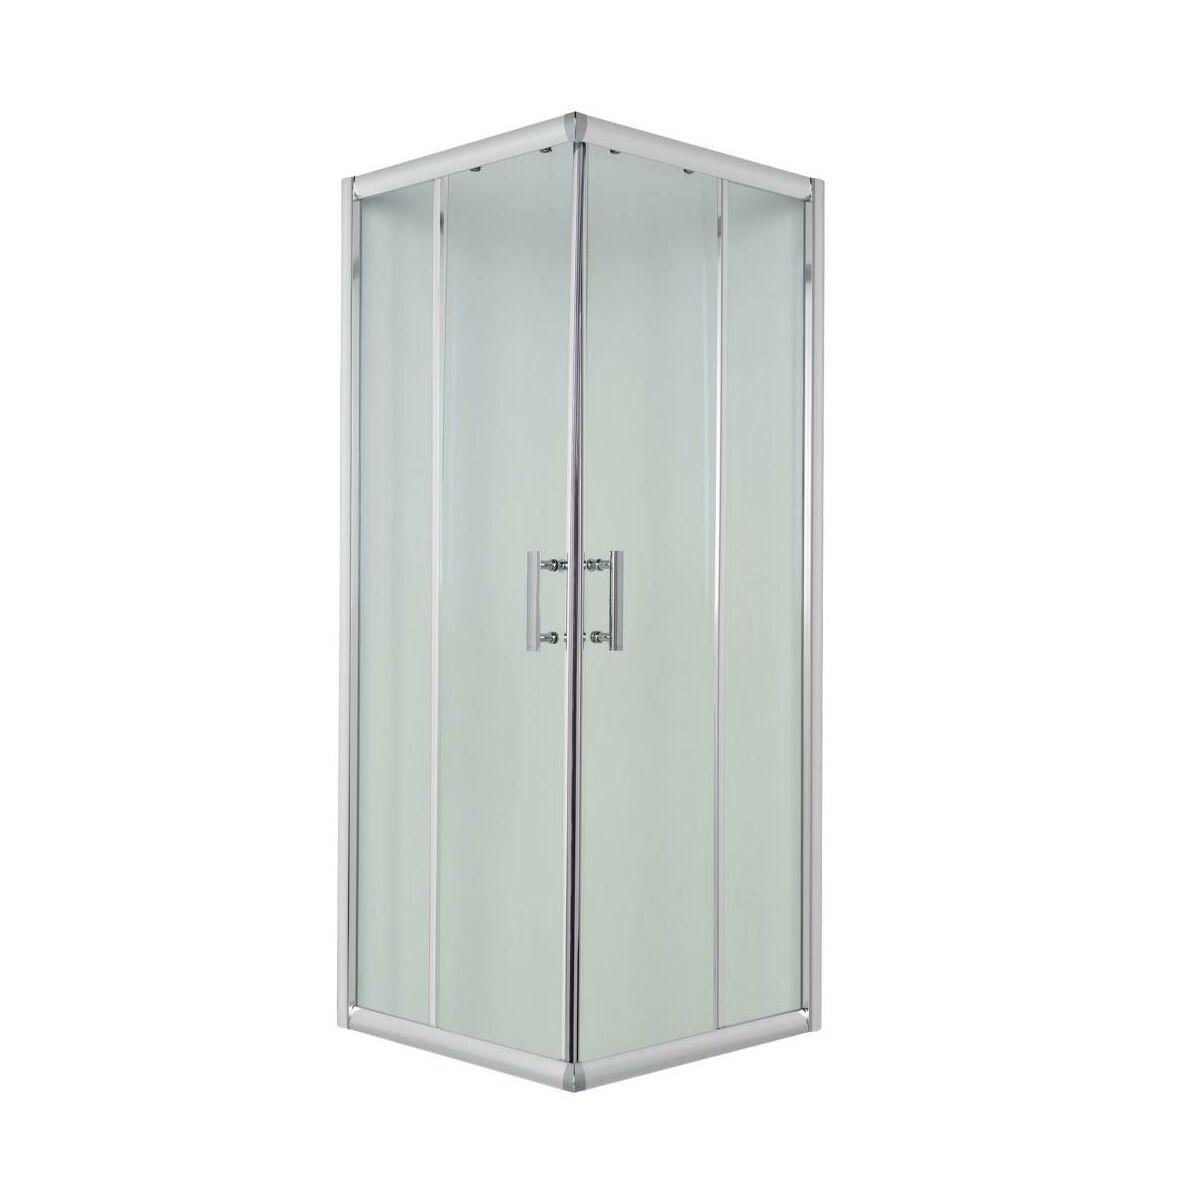 kabina prysznicowa optima sensea kabiny prysznicowe w atrakcyjnej cenie w sklepach leroy merlin. Black Bedroom Furniture Sets. Home Design Ideas